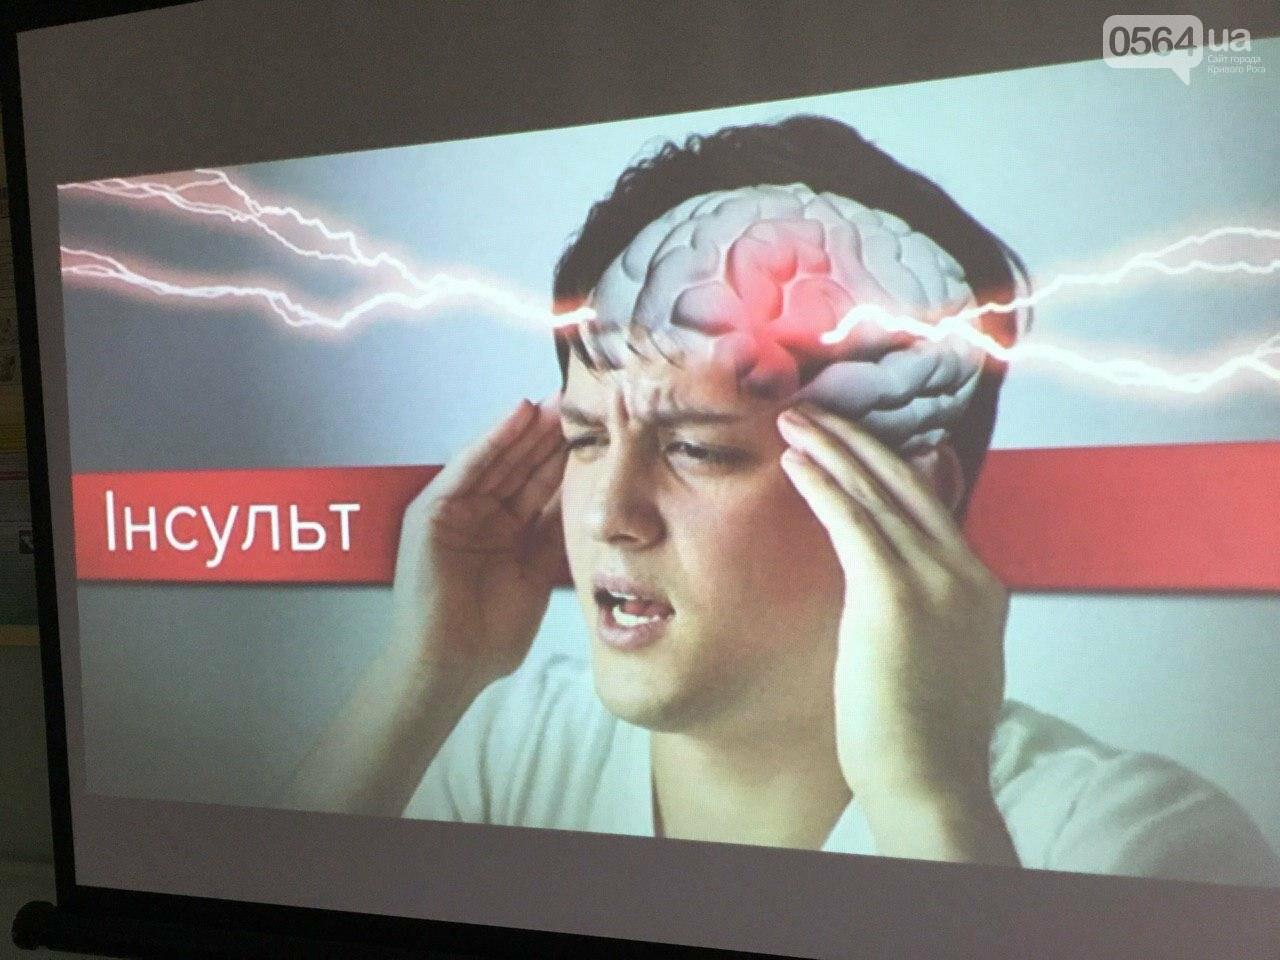 Криворожанам рассказали о лечении инсульта, - ФОТО, ВИДЕО , фото-3